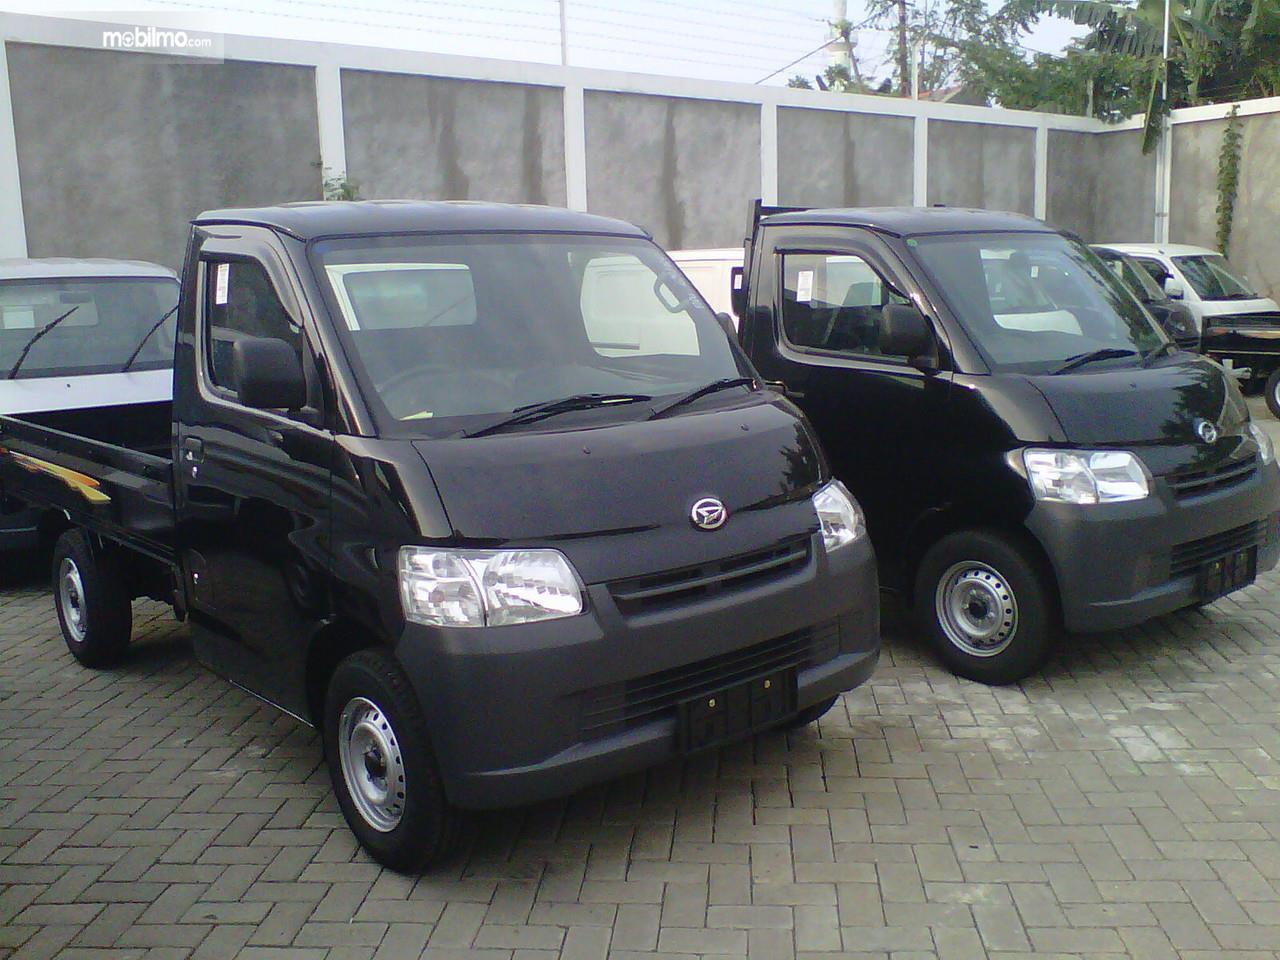 Foto Daihatsu Gran Max PU tampak dari samping depan